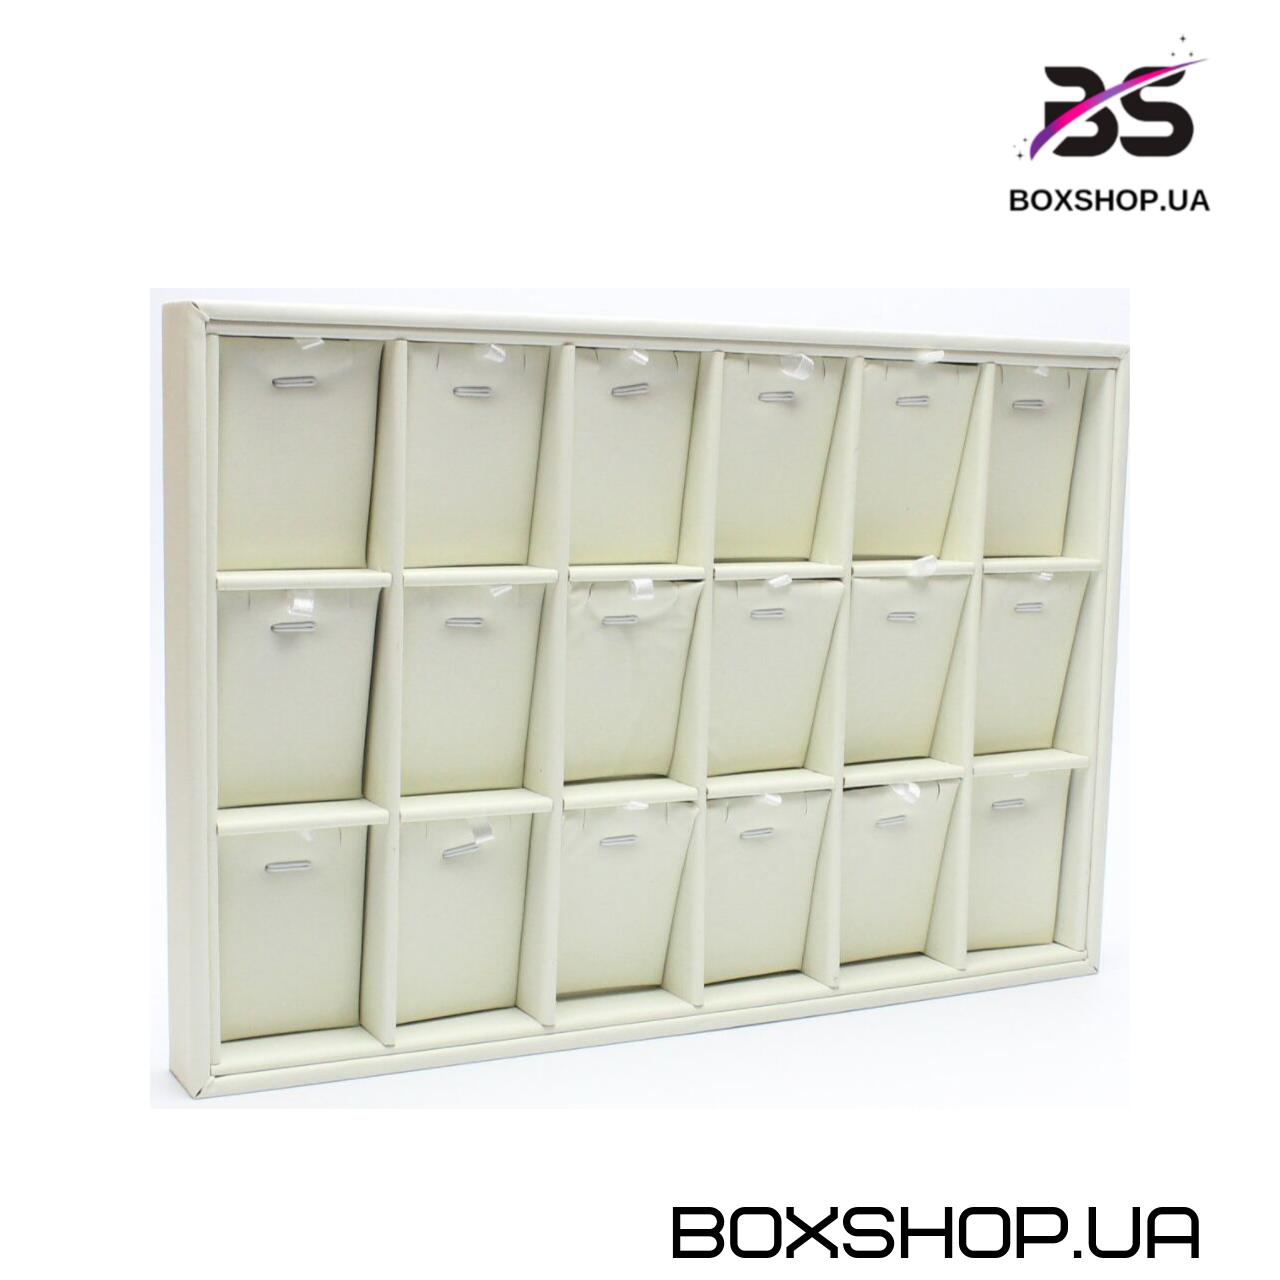 Ювелирный планшет BOXSHOP - 1020853277